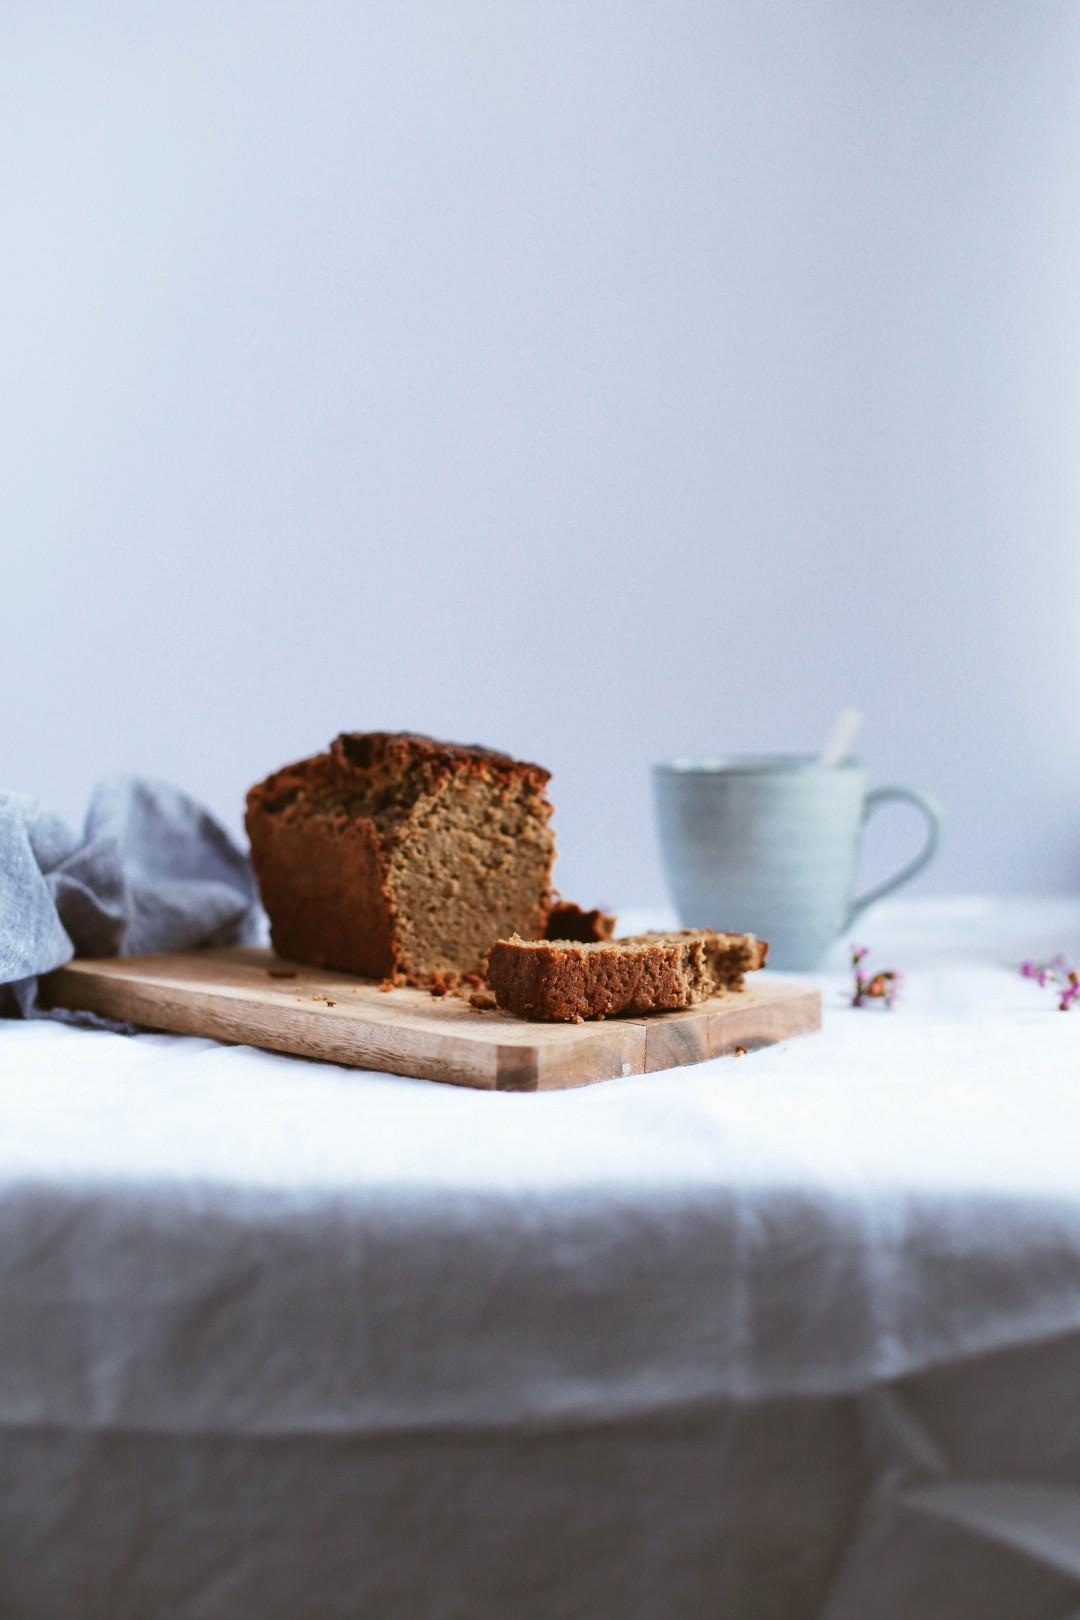 megandcook_cake-vegan-1-sur-1-1080x1620